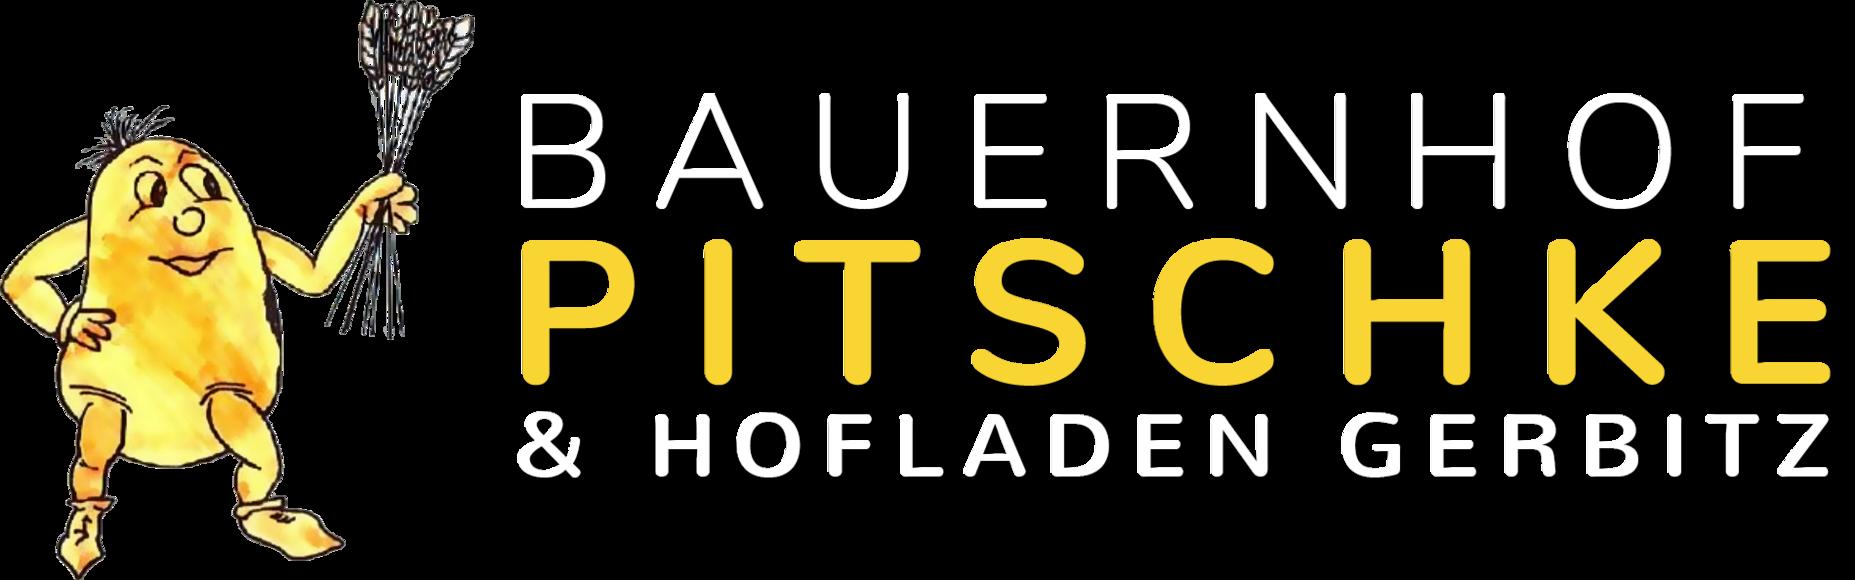 Bauernhof Pitschke in Gerbitz